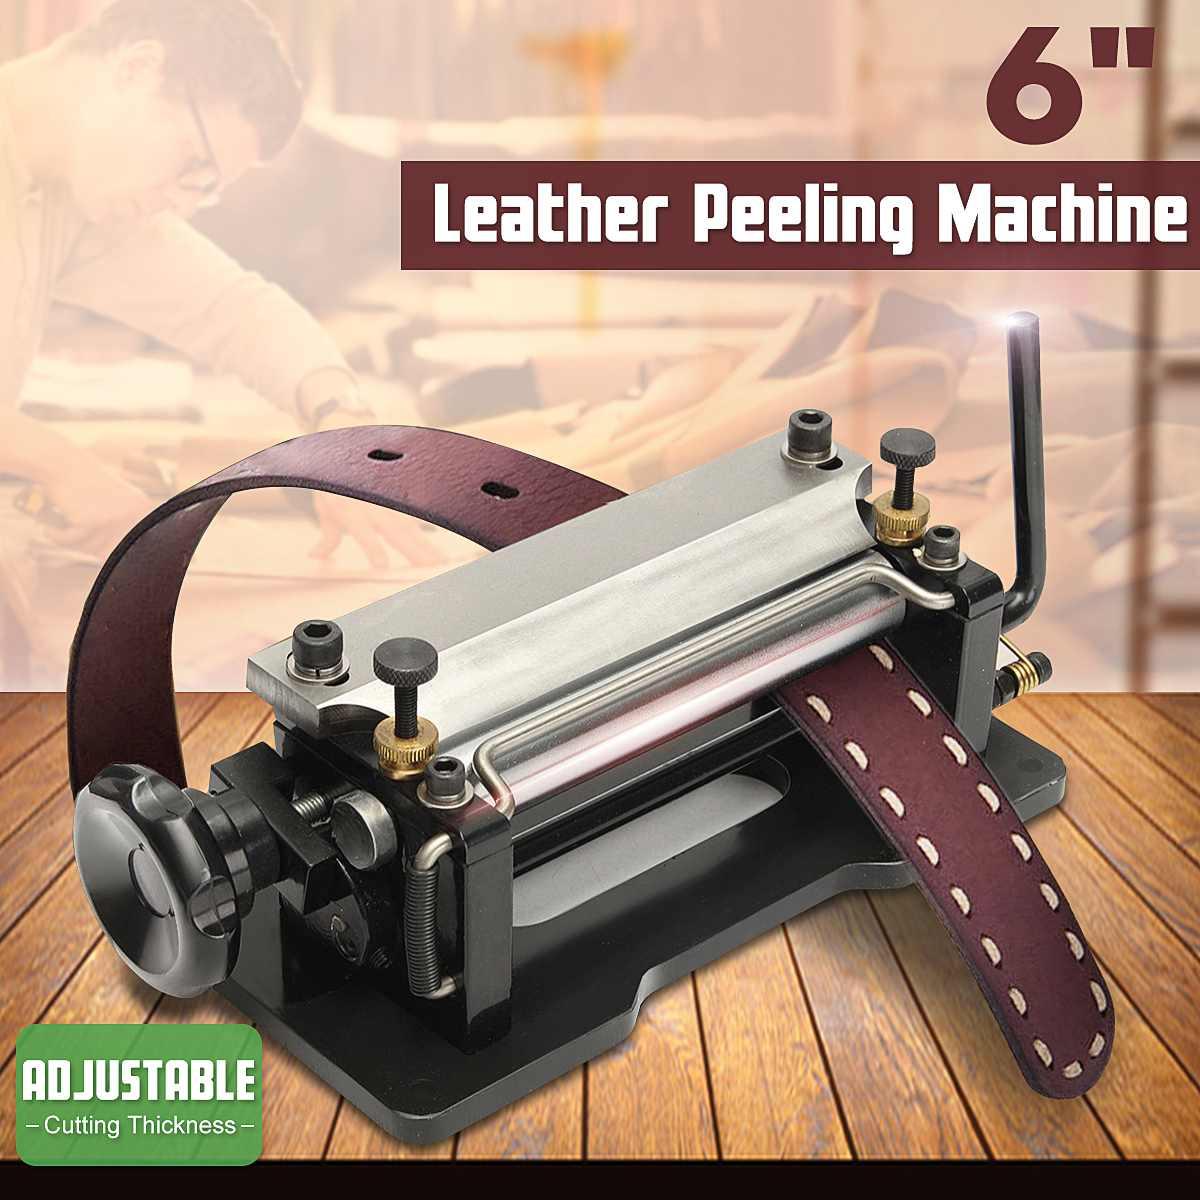 Acier inoxydable 6 bricolage en cuir Skiver éplucheur séparateur pelle peau dérapage Paring éplucheuse Machine 30*12.5*10.5 cm